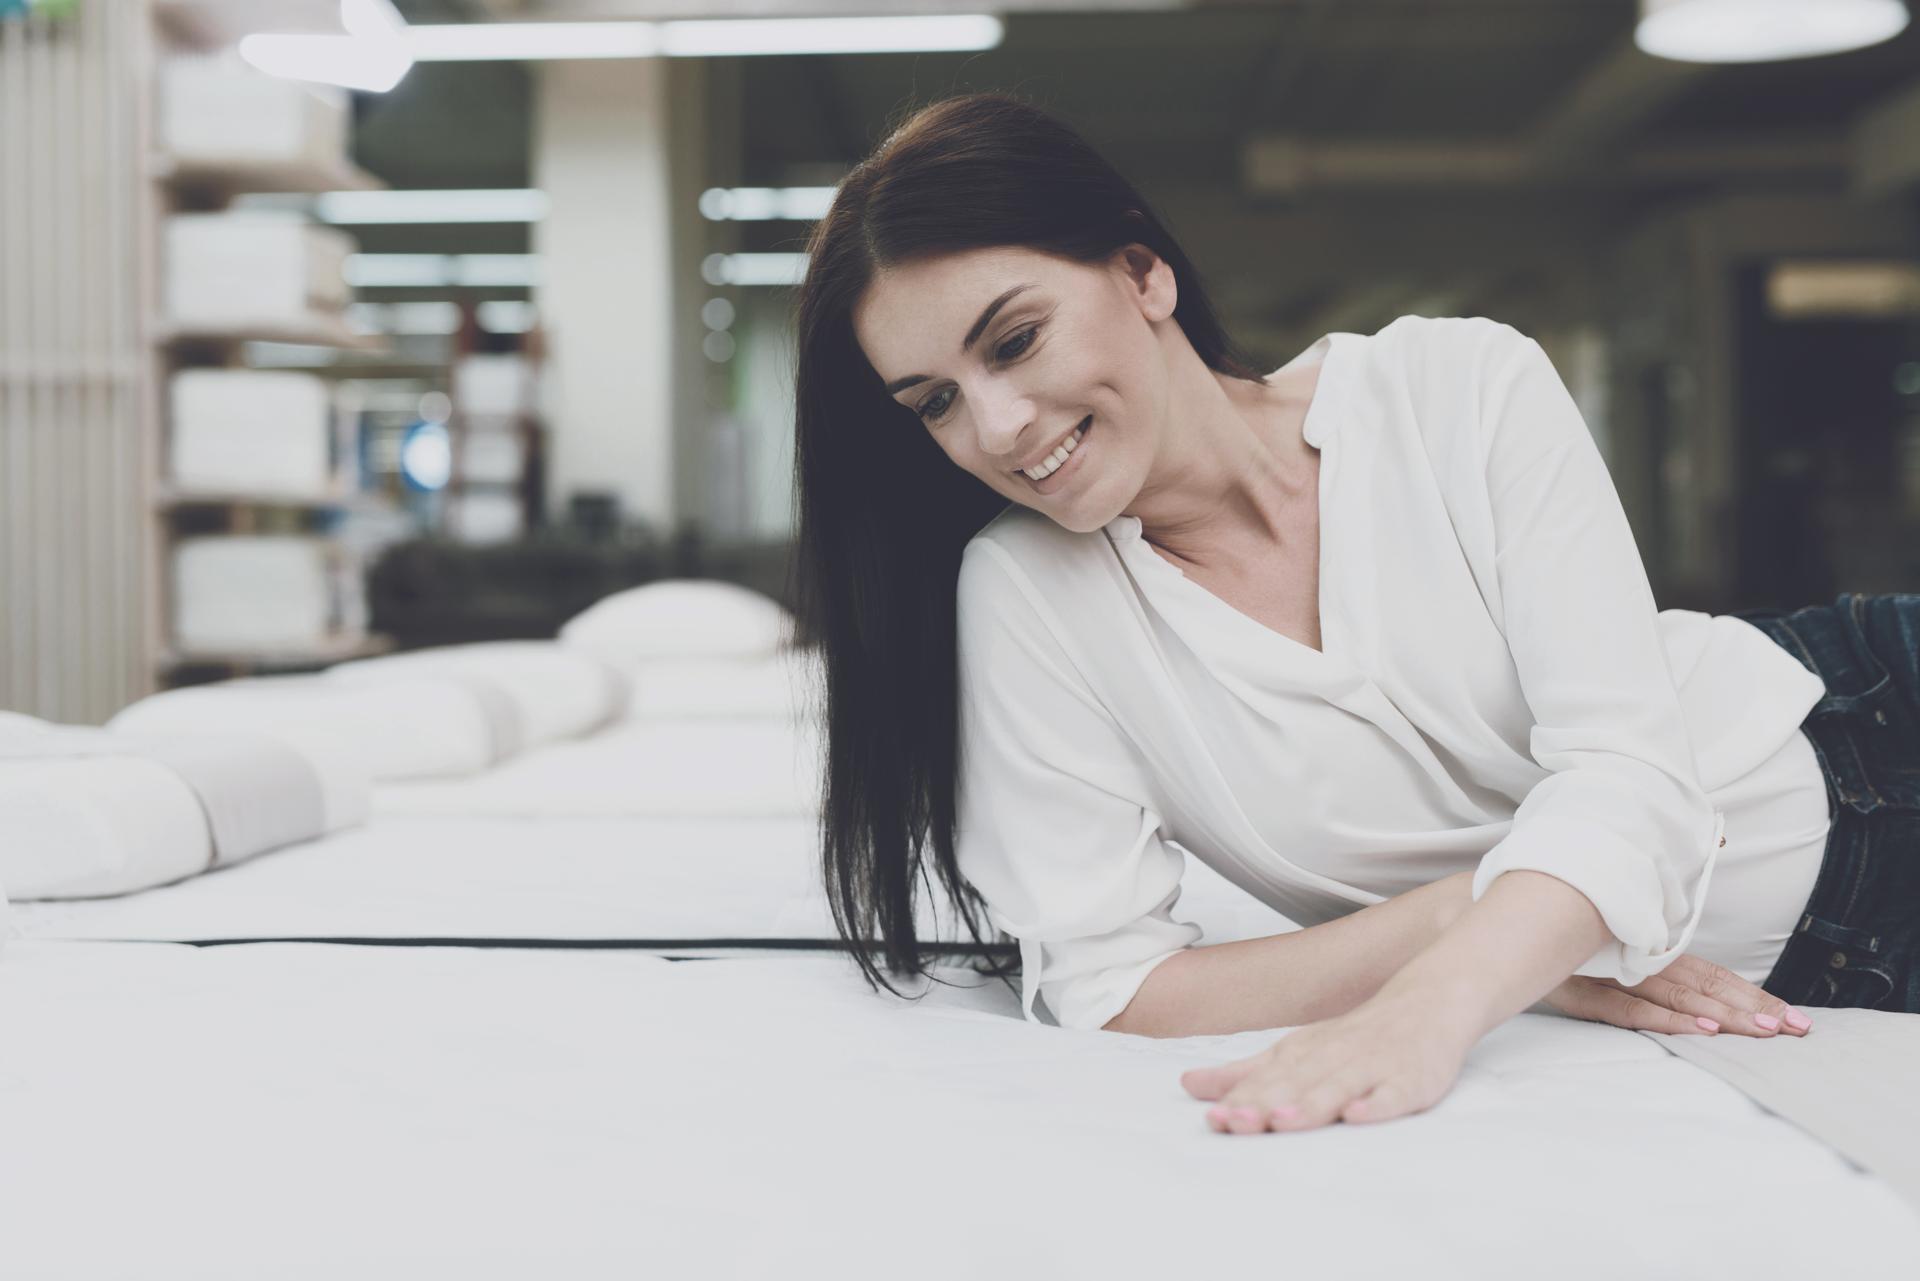 La scelta del materasso è importante tanto quella del letto: Come Scegliere Un Materasso Esperti Al Servizio Per Farti Dormire Bene